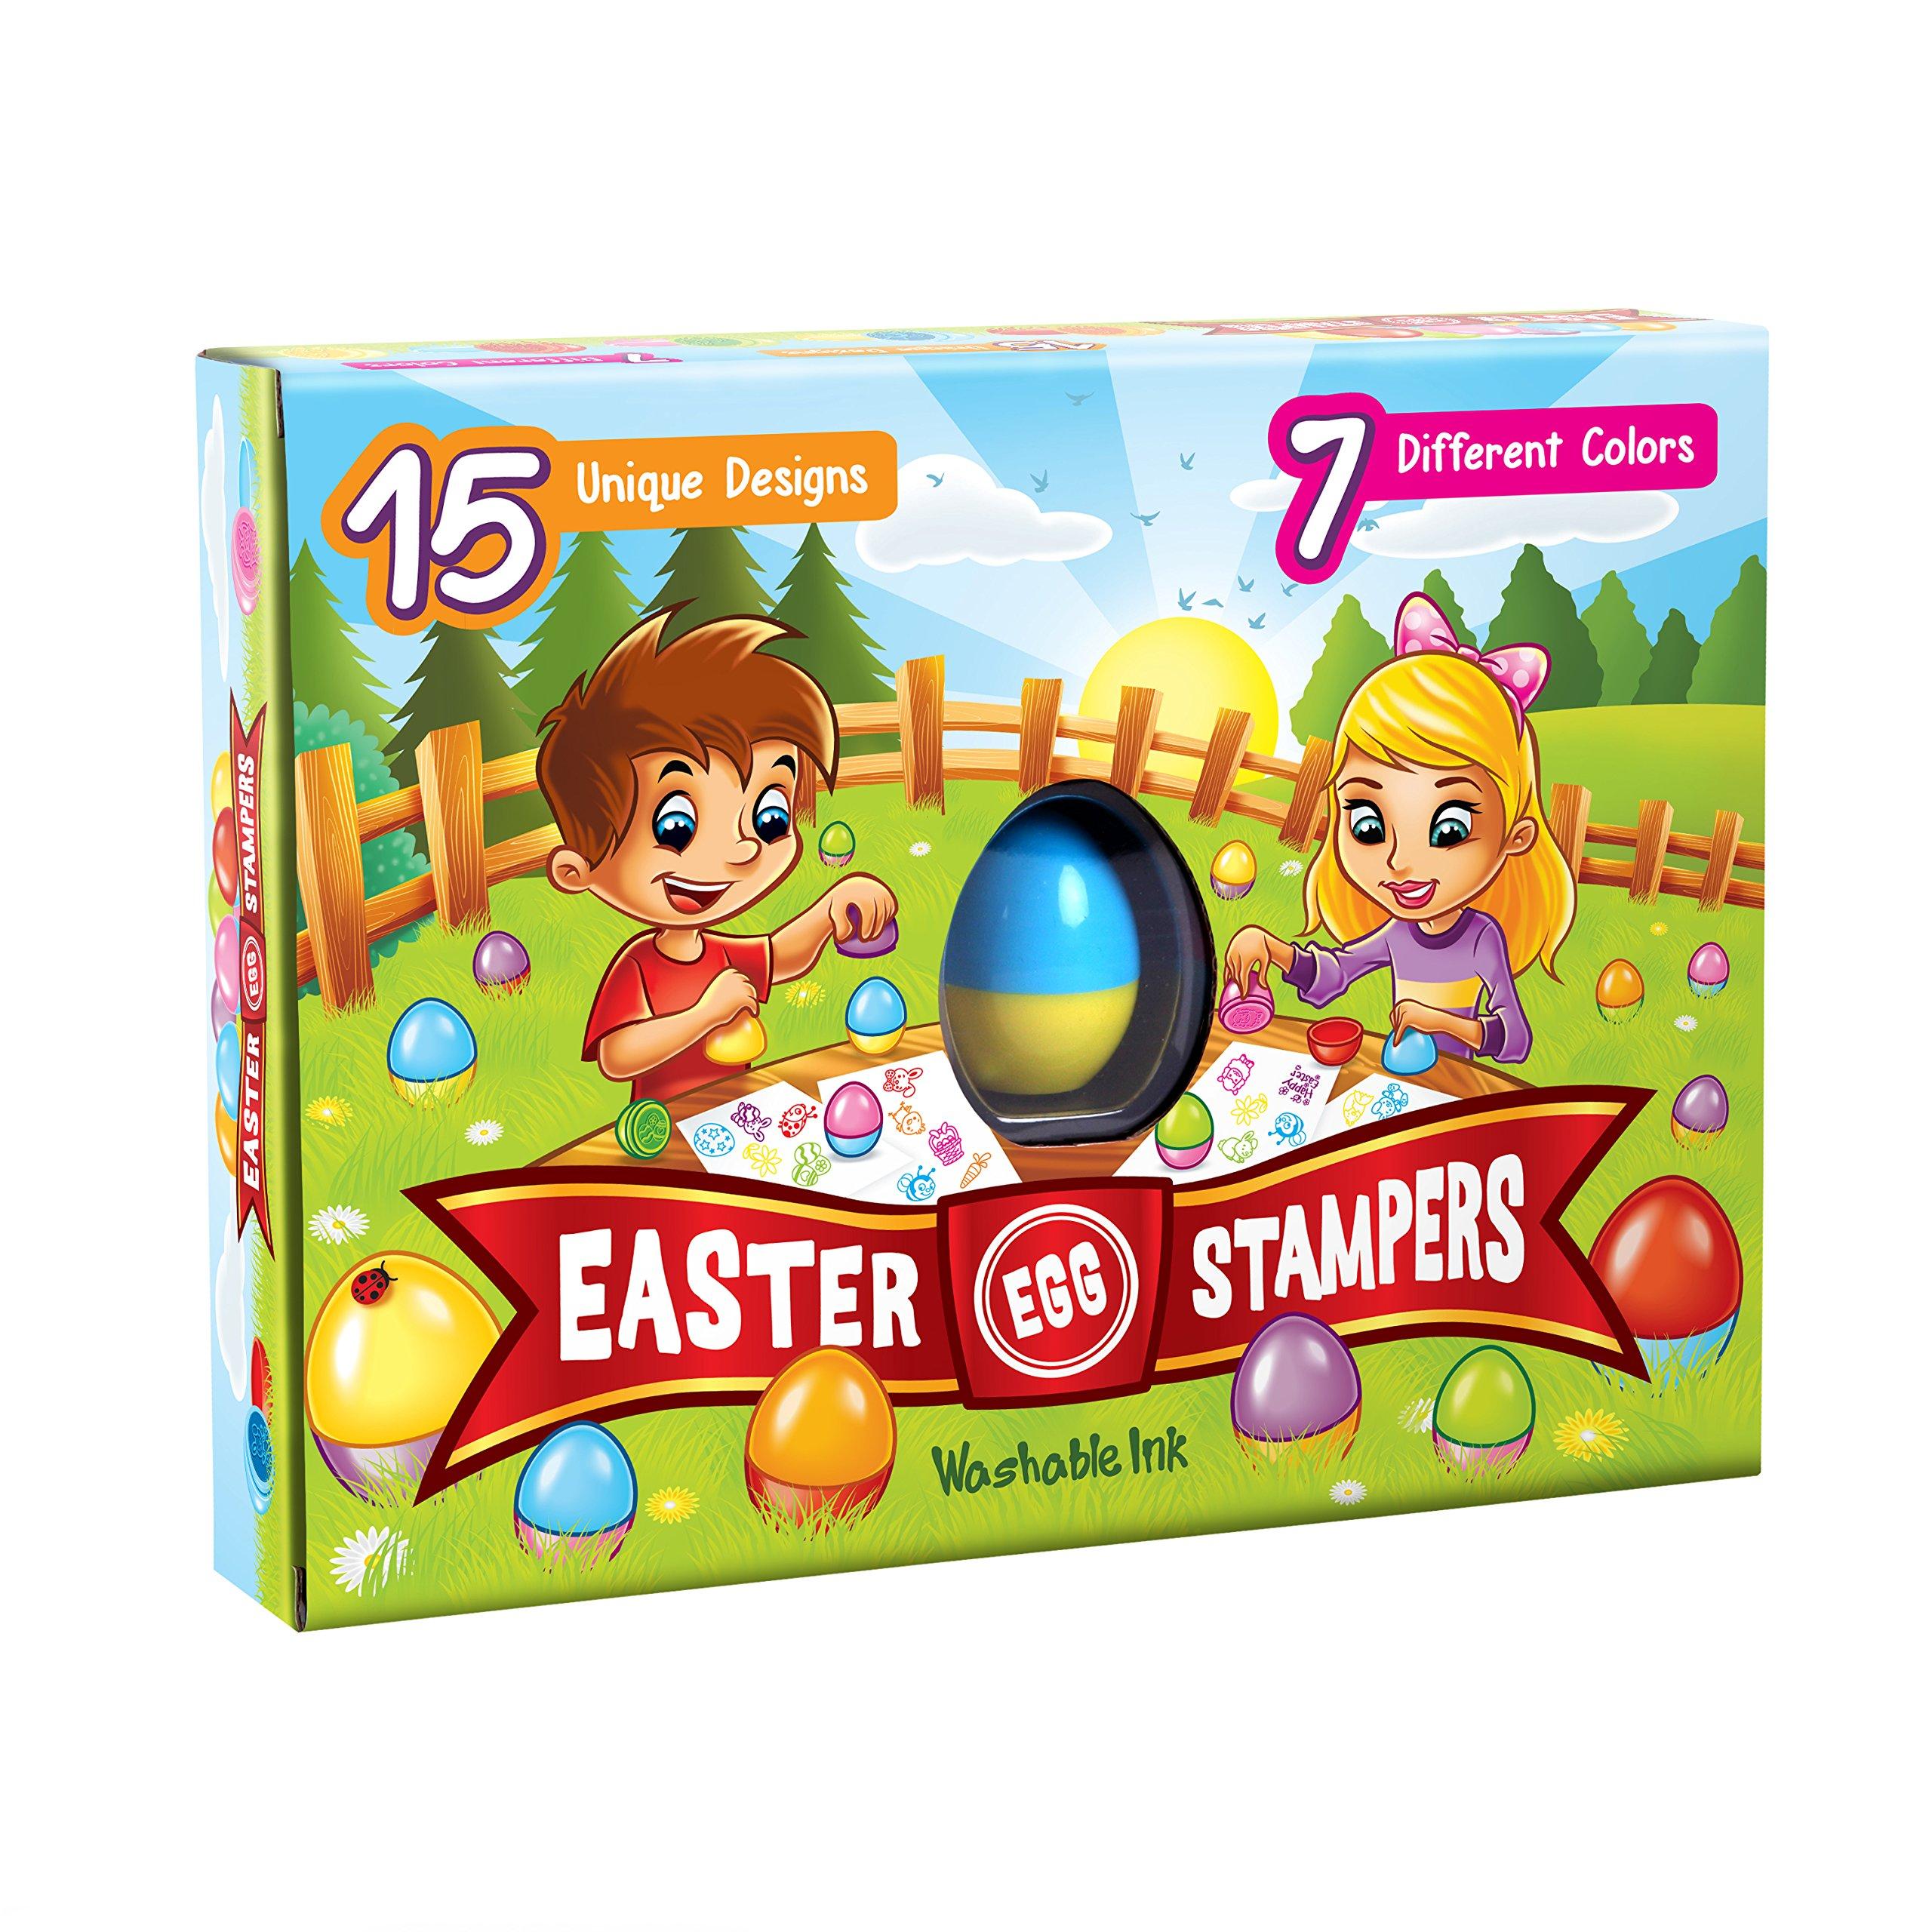 Giraffe - Easter Egg Stampers (3-Pack)